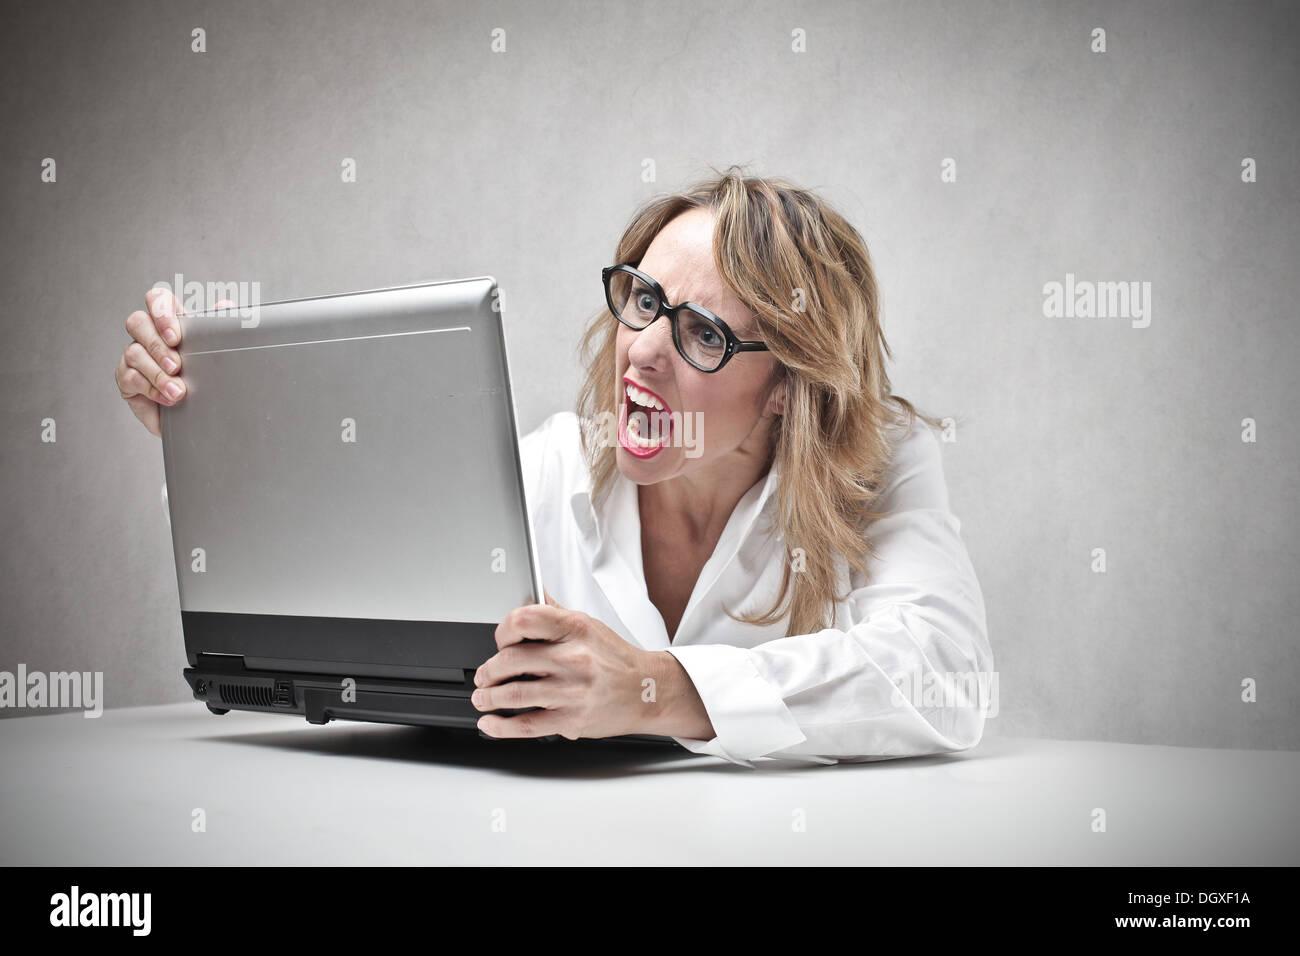 Mujer rubia con gafas gritando contra un portátil Imagen De Stock